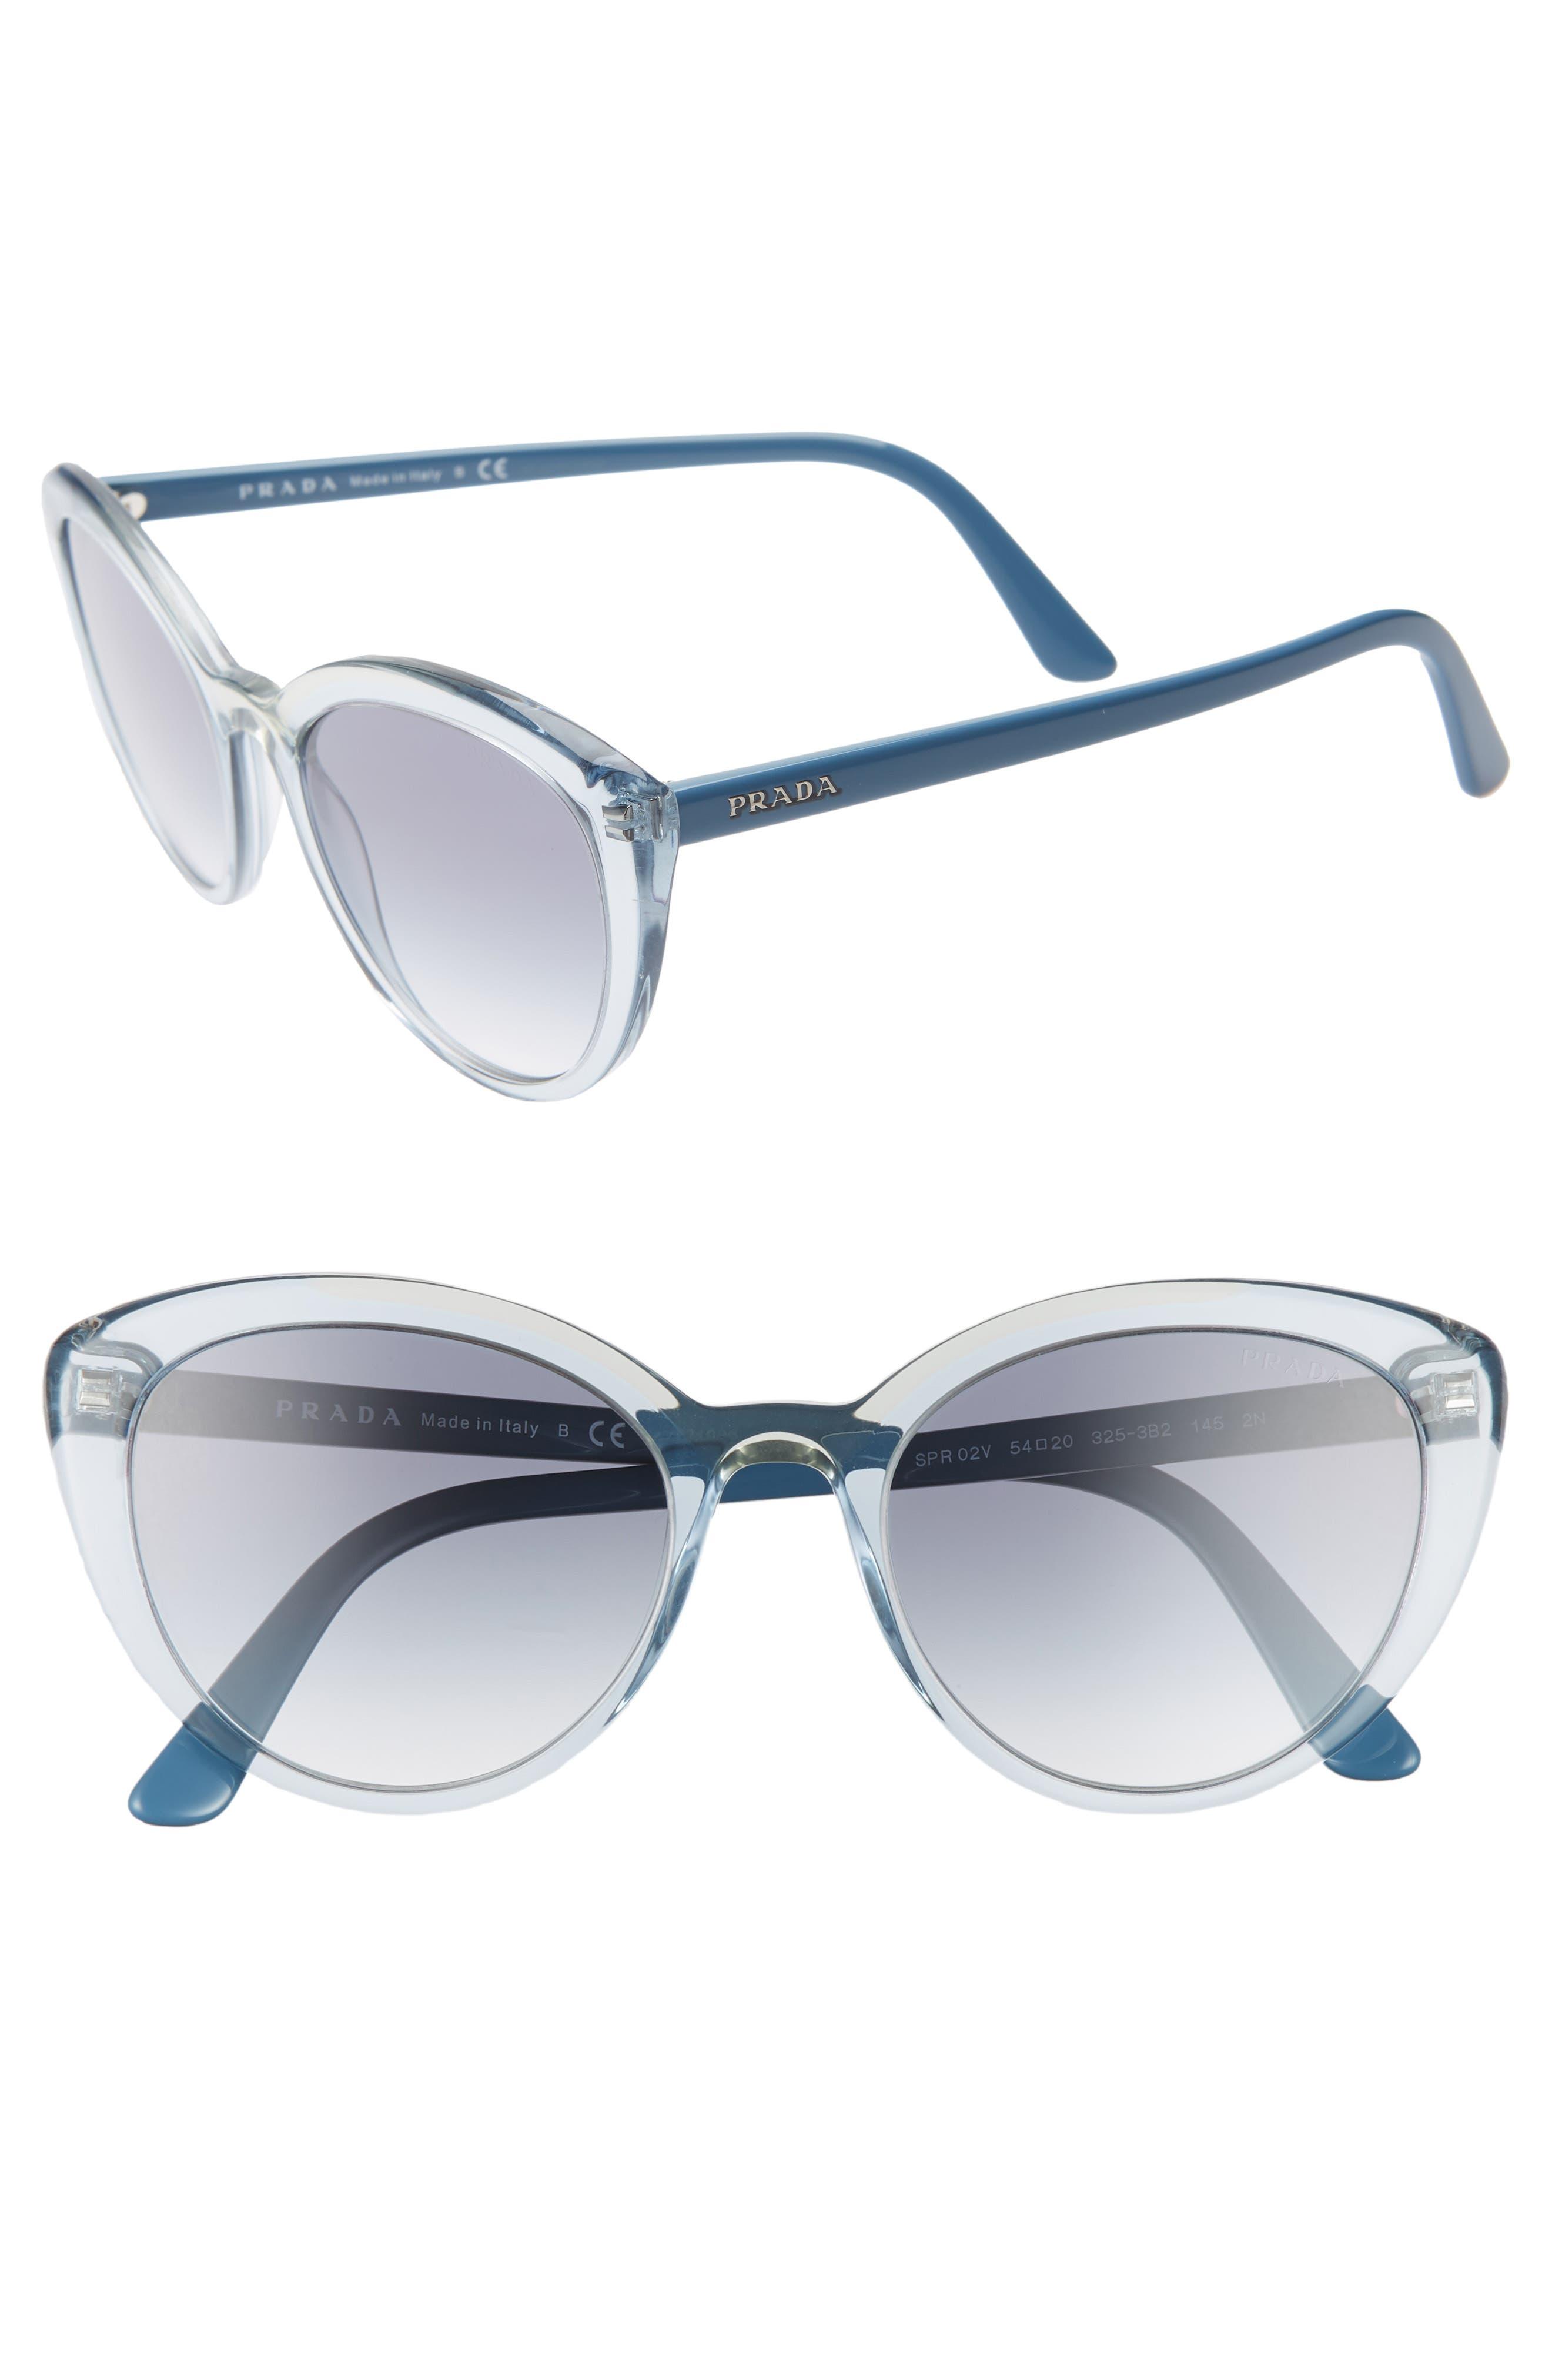 Prada For Sunglasses Women For Prada Nordstrom Sunglasses Uvfqvzw